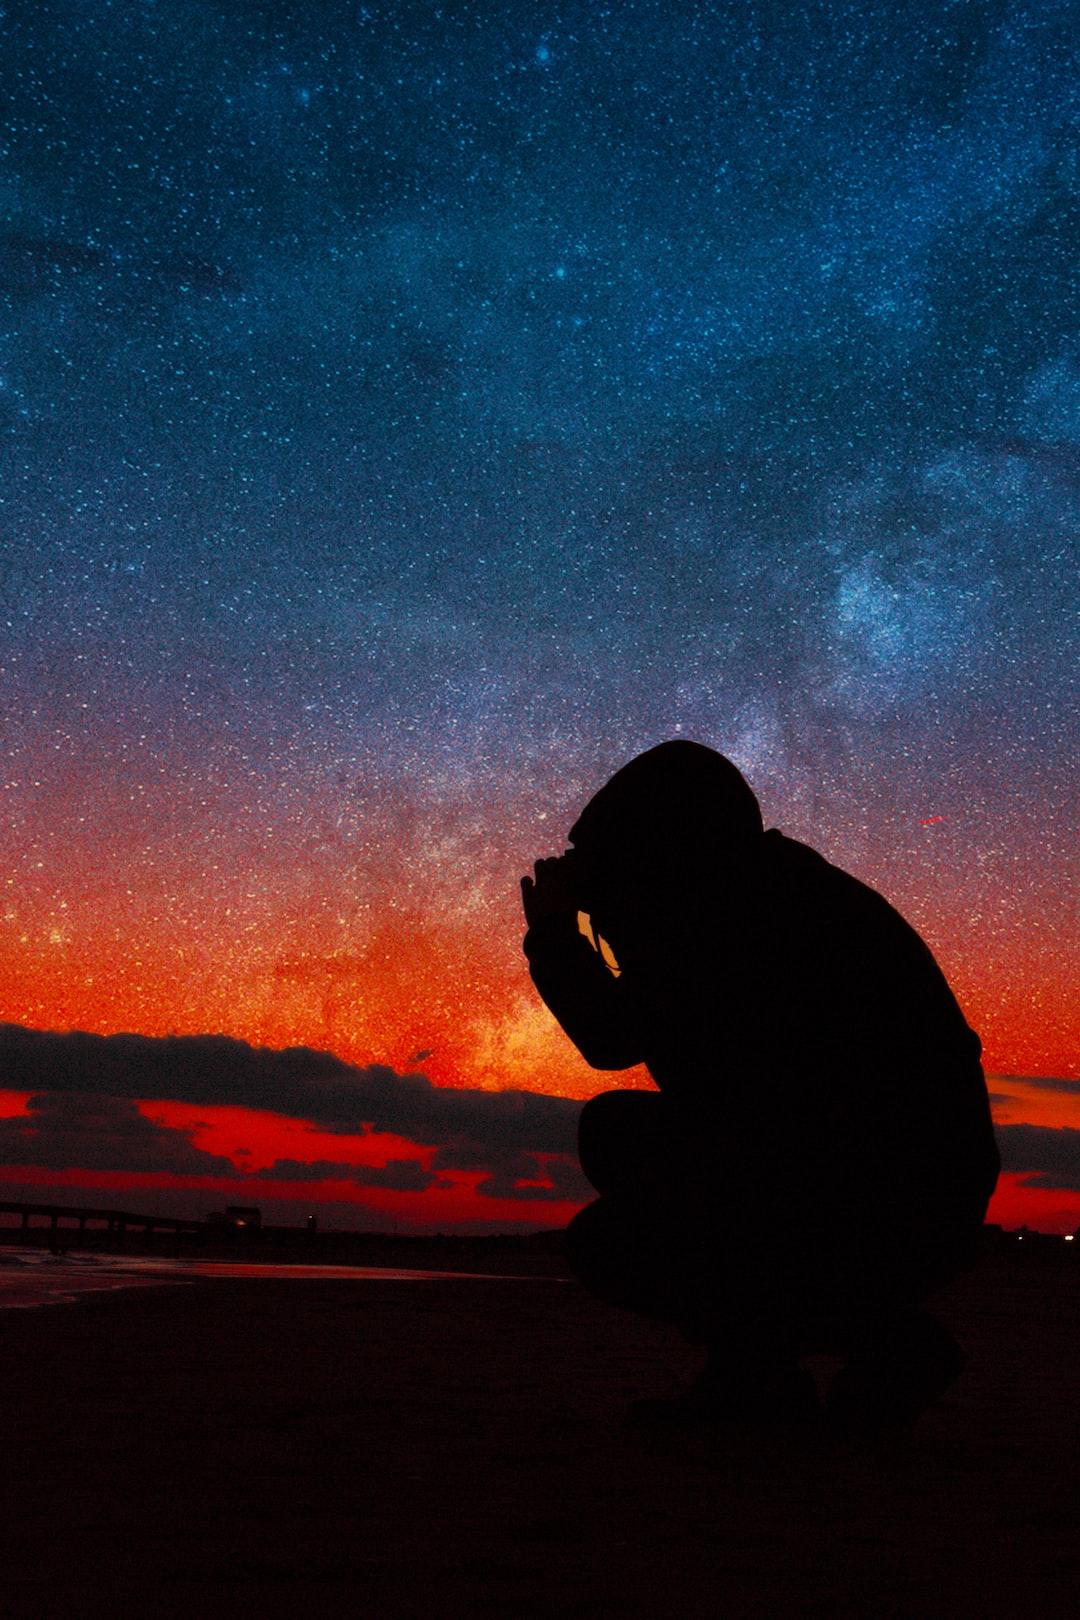 wandering alone at night - HD1600×1200